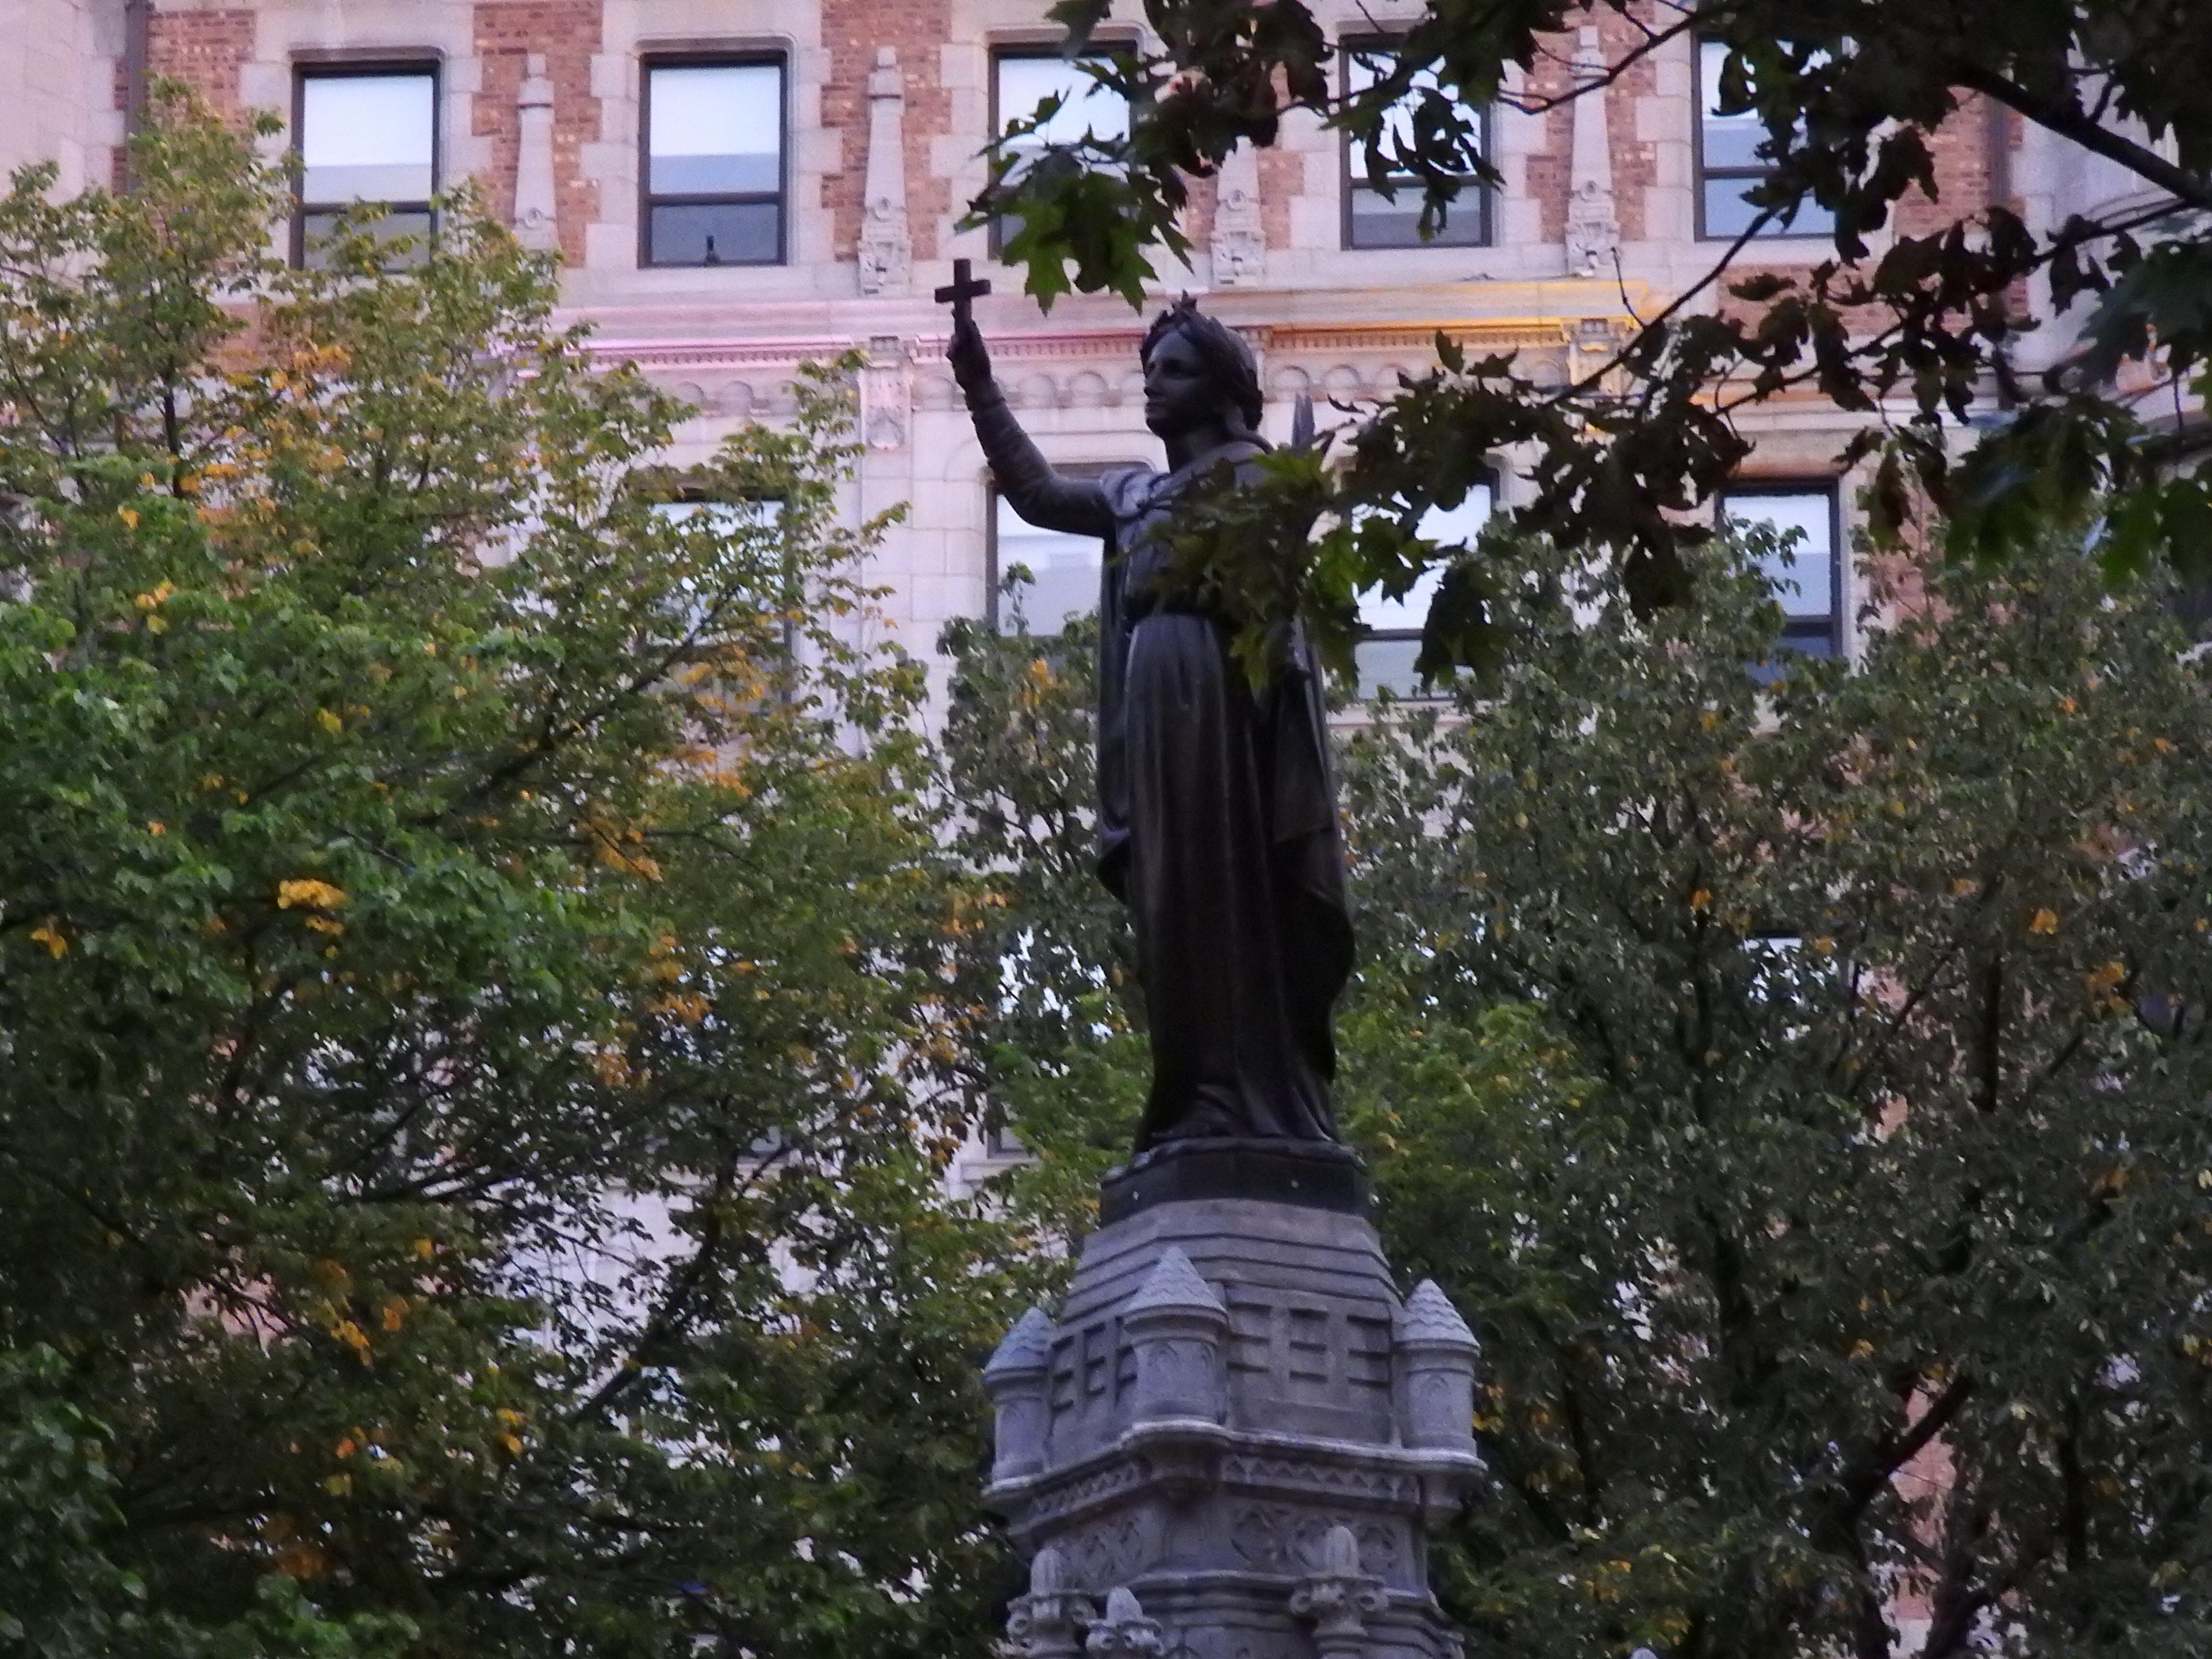 ケベックシティ観光 ダルム広場に立つイエズス会宣教師